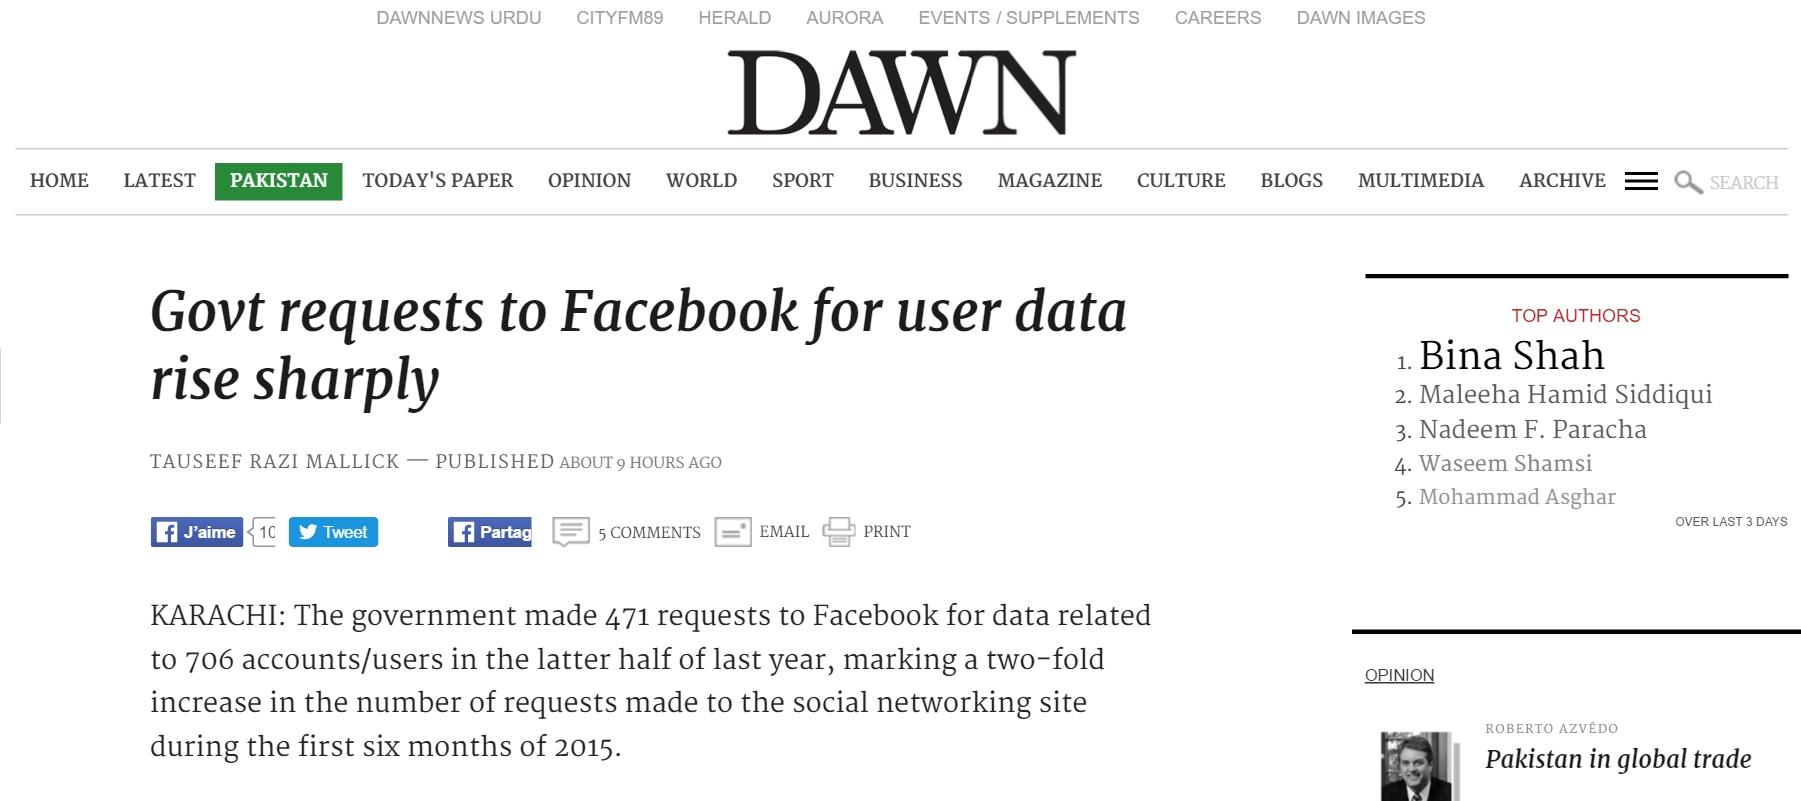 """Une ONG pakistanaise qui milite pour la protection des données sur internet affirme que les demandes du gouvernement se font sans aucune surveillance. Copie d'écran de """"Dawn"""", le 2 mai 2016."""